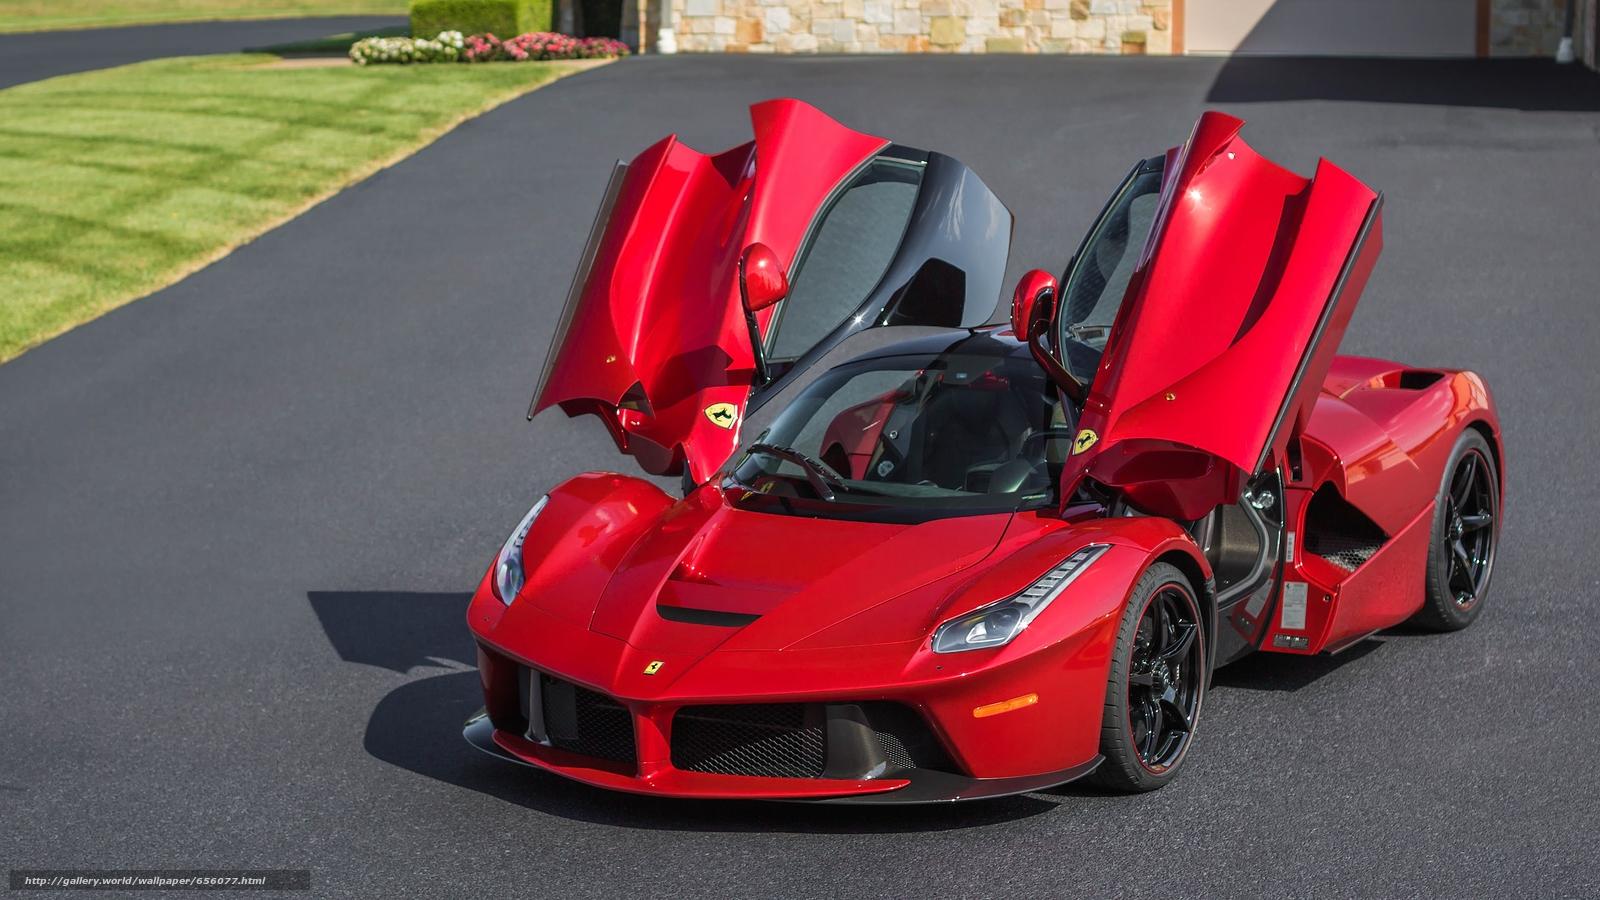 Скачать обои Ferrari LaFerrari,  Ferrari,  LaFerrari,  sports car бесплатно для рабочего стола в разрешении 3752x2110 — картинка №656077